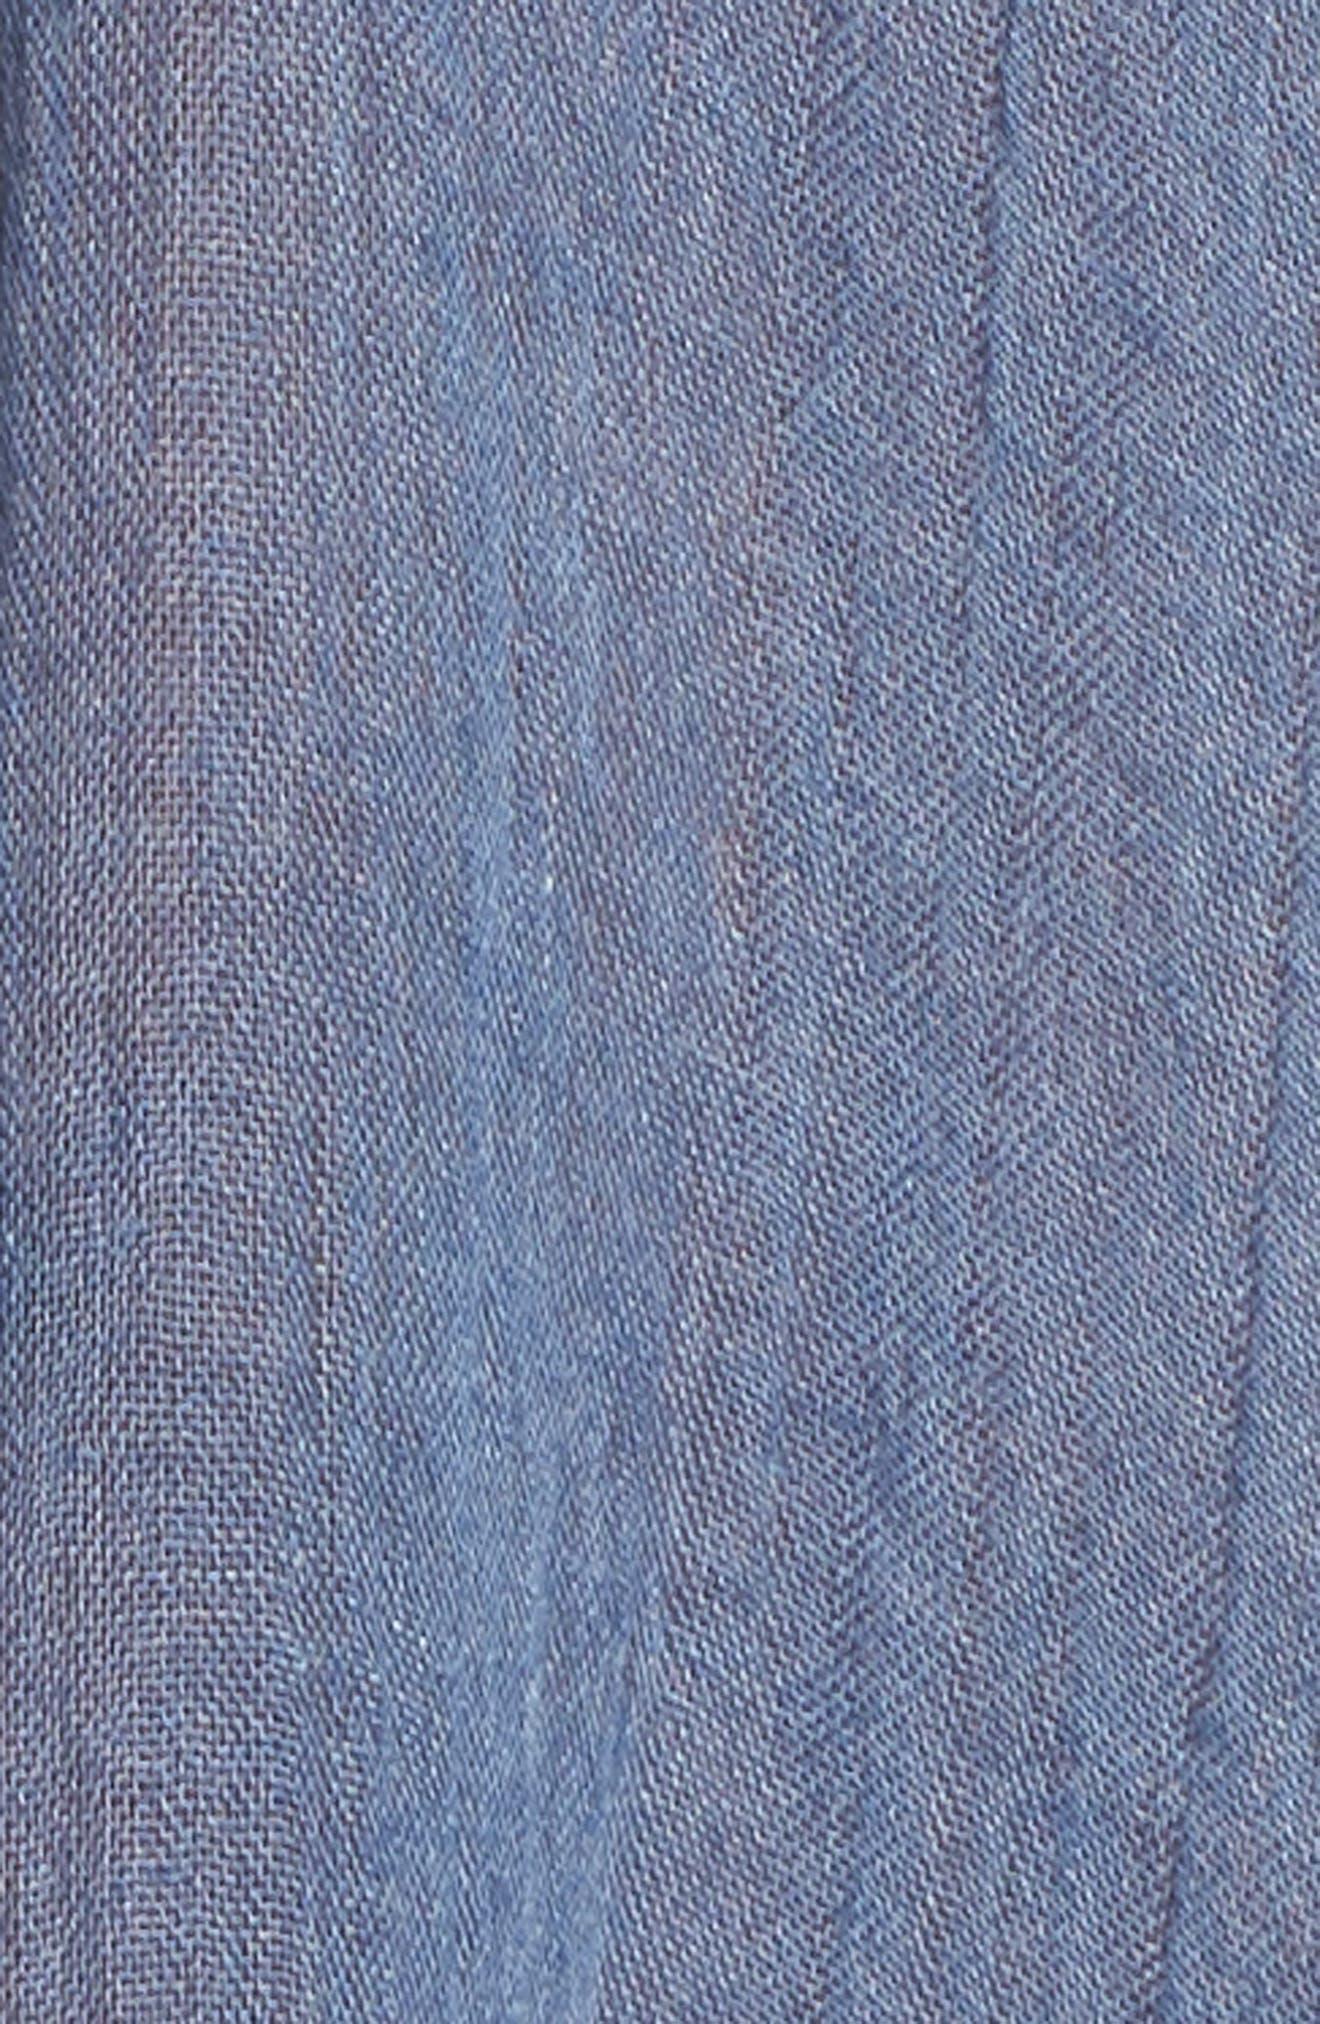 Cold Shoulder Cover-Up Dress,                             Alternate thumbnail 5, color,                             414